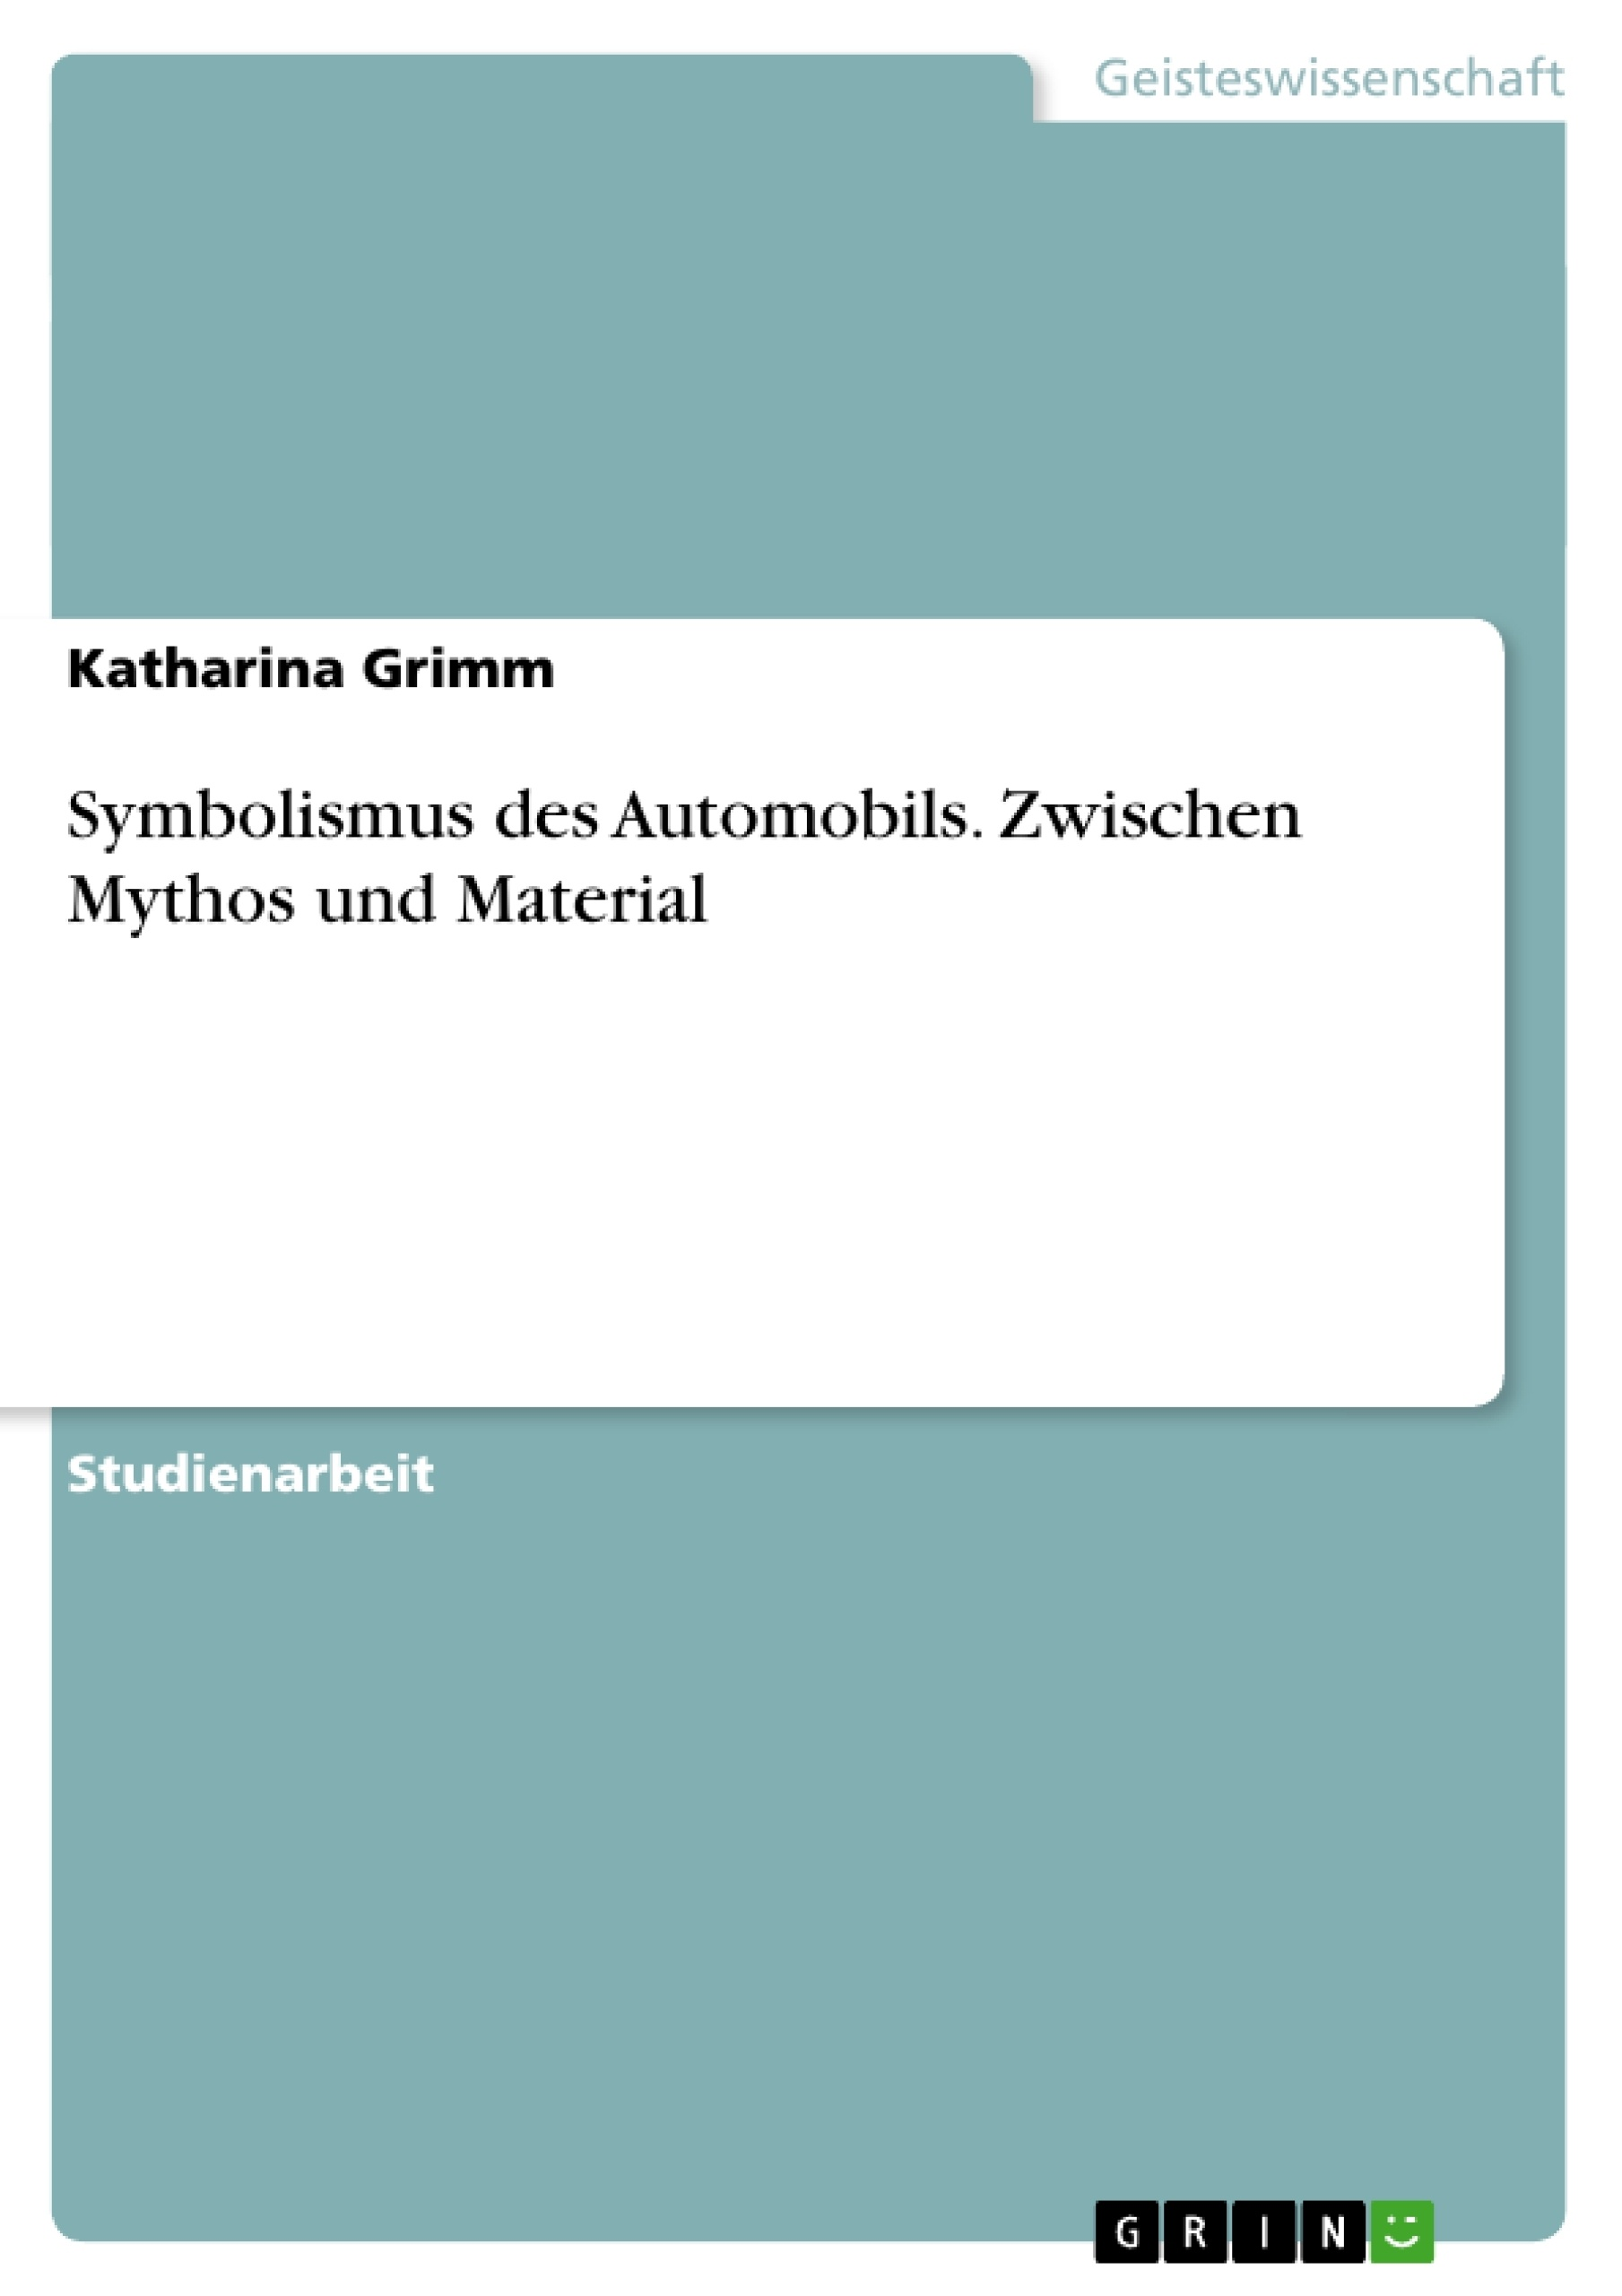 Titel: Symbolismus des Automobils. Zwischen Mythos und Material